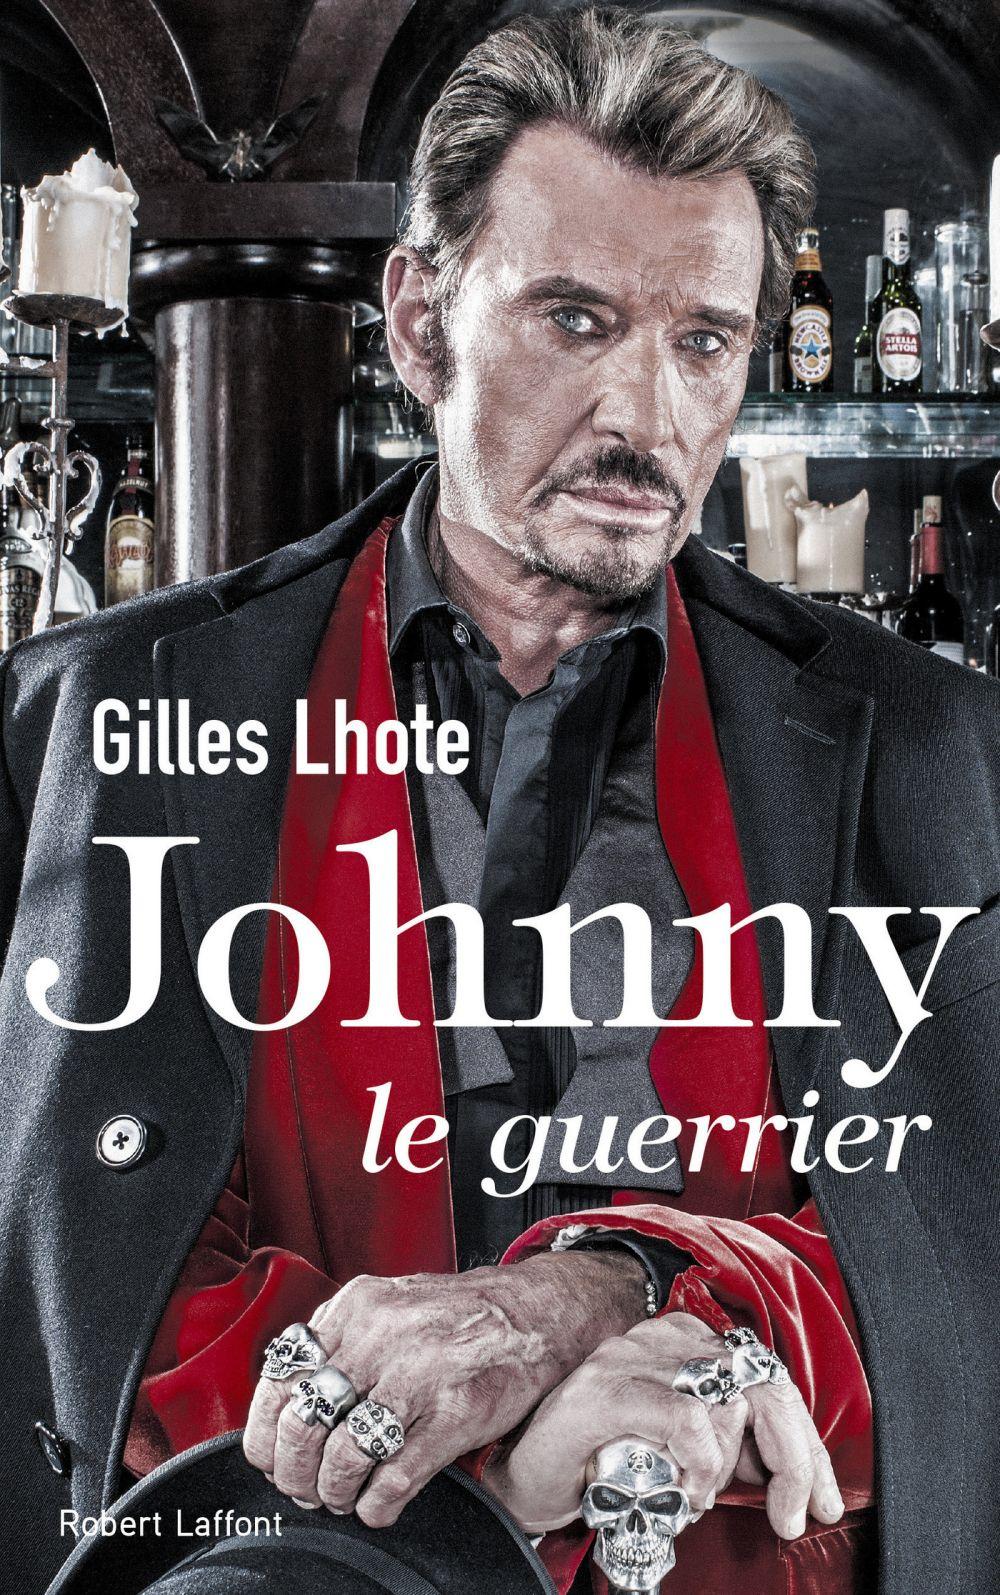 Johnny, le guerrier | LHOTE, Gilles. Auteur